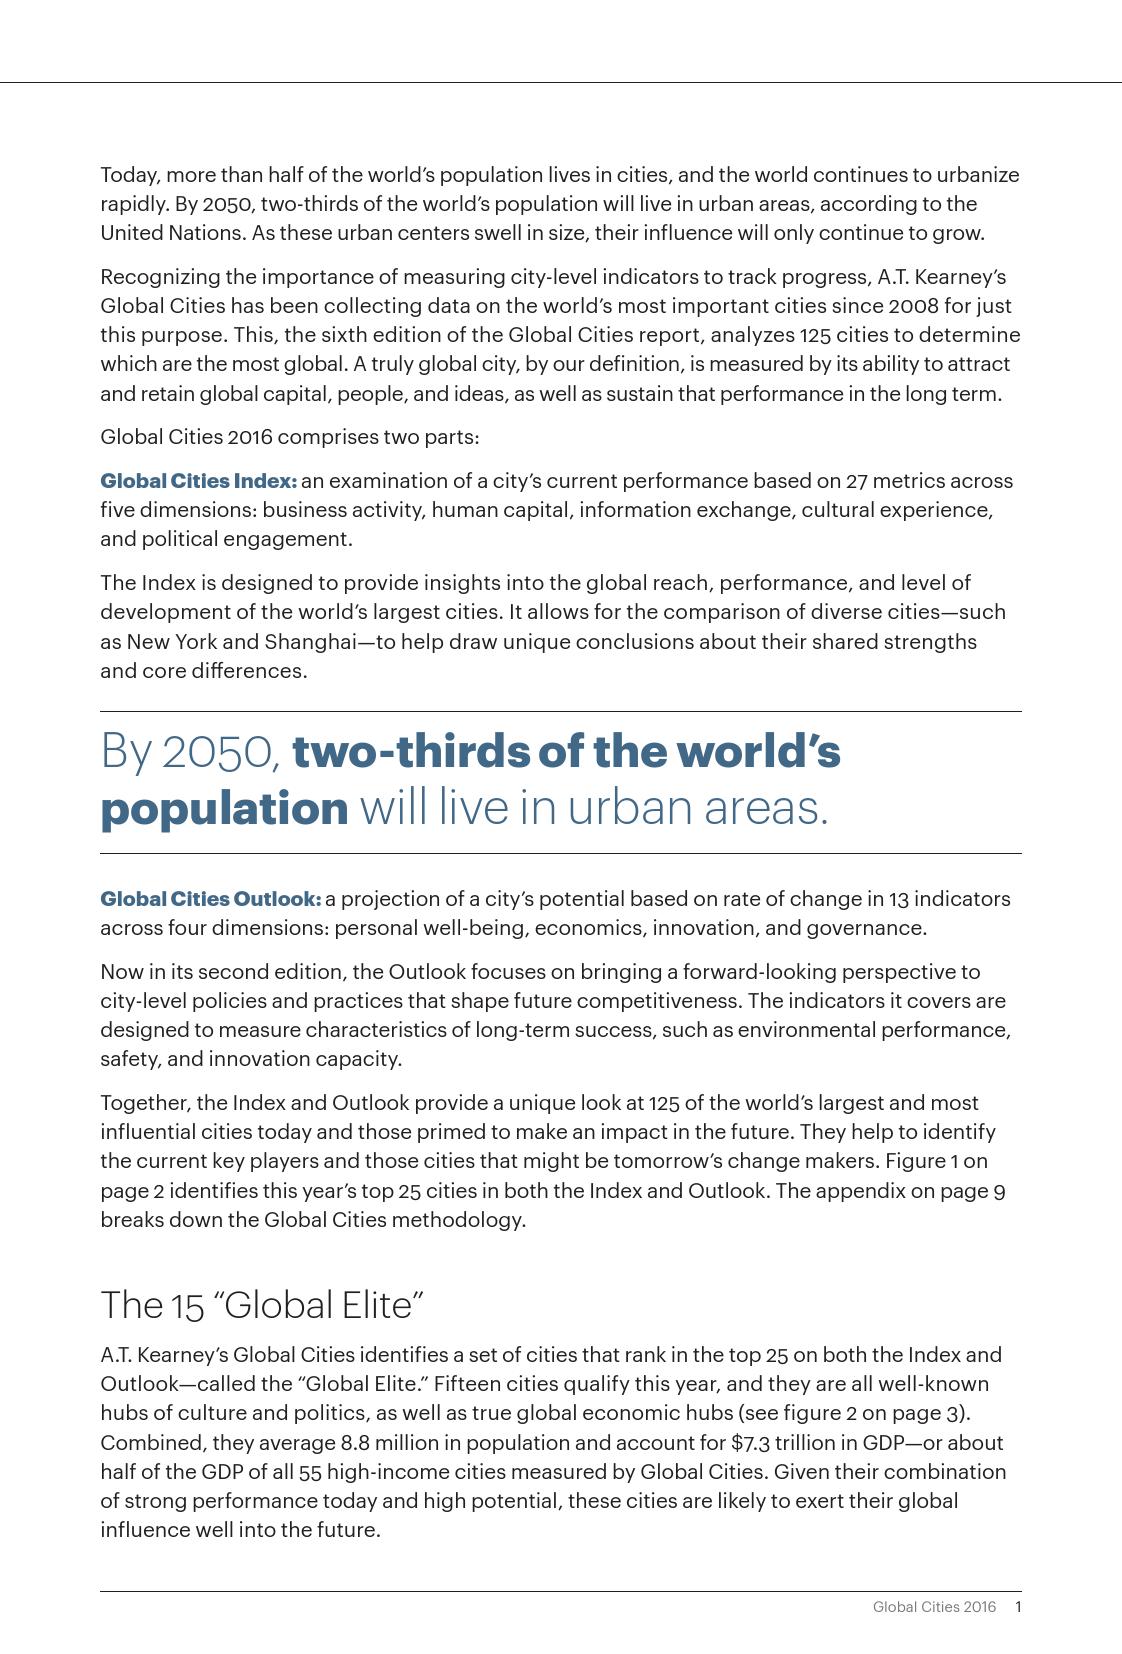 科尔尼:2016年全球化城市_000002